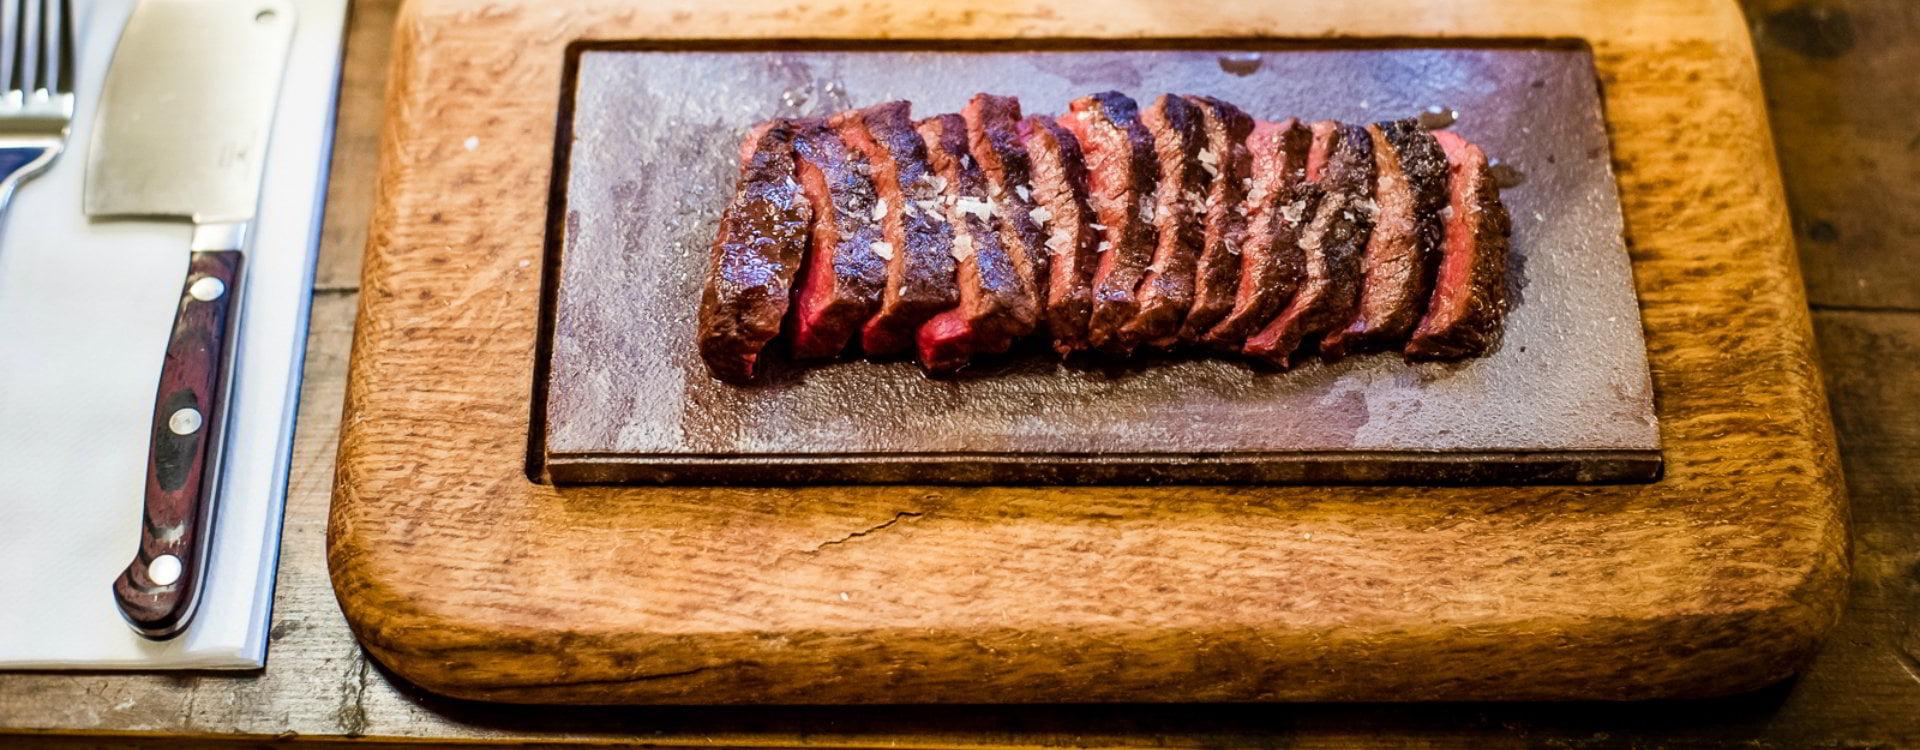 Great Steak Restaurants London